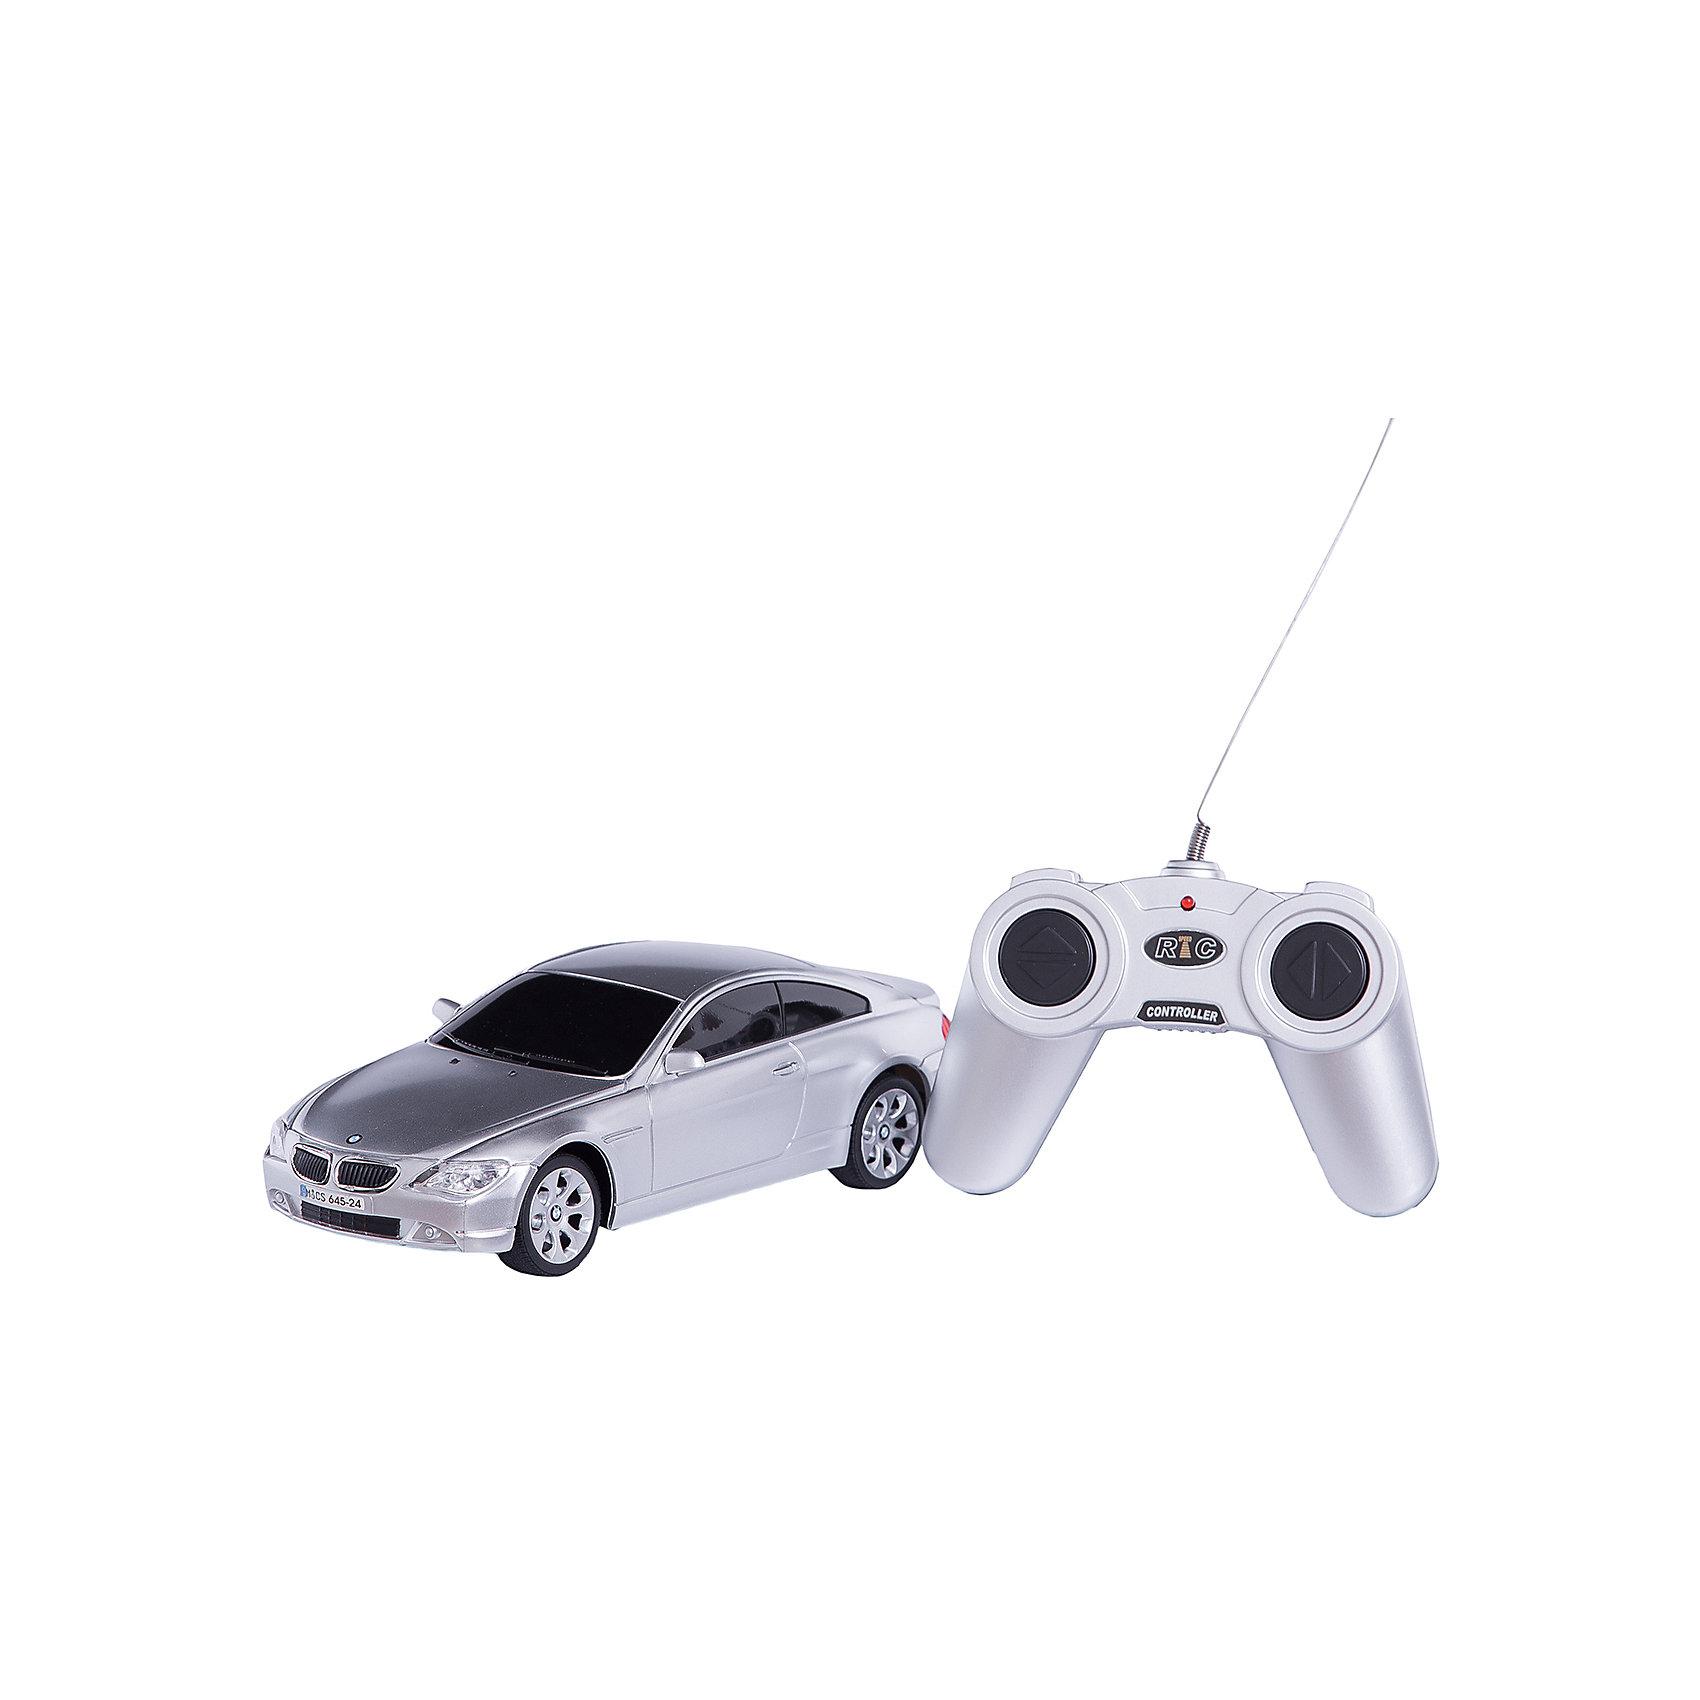 RASTAR Радиоуправляемая машина BMW 645Ci 1:24, серебристаяРадиоуправляемый транспорт<br>RASTAR Радиоуправляемая машина BMW 645Ci 1:24 - игрушка, которая наверняка приведет в восторг вашего ребенка, ведь эта радиоуправляемая машина - уменьшенная копия настоящего БМВ! <br><br>Модель выполнена в масштабе 1: 24.<br><br>Особенности игрушки:<br><br>- Работает на частоте: 27MHz; <br>- Движение вперед, назад, вправо, влево; <br>- Контроль управления: 15 - 45 метров; <br>- Развивает скорость до: 7 км/ч; <br>- Светятся фары. <br><br><br>Дополнительная информация:<br><br>- Для работы требуются батарейки: 5 Х АА (не входят в комплект).<br>- Материалы: пластик.<br>- Размер упаковки: 28,5х12х10 см.<br>- Вес: 460 г.<br><br>Ширина мм: 100<br>Глубина мм: 385<br>Высота мм: 120<br>Вес г: 460<br>Возраст от месяцев: 72<br>Возраст до месяцев: 144<br>Пол: Мужской<br>Возраст: Детский<br>SKU: 4833565